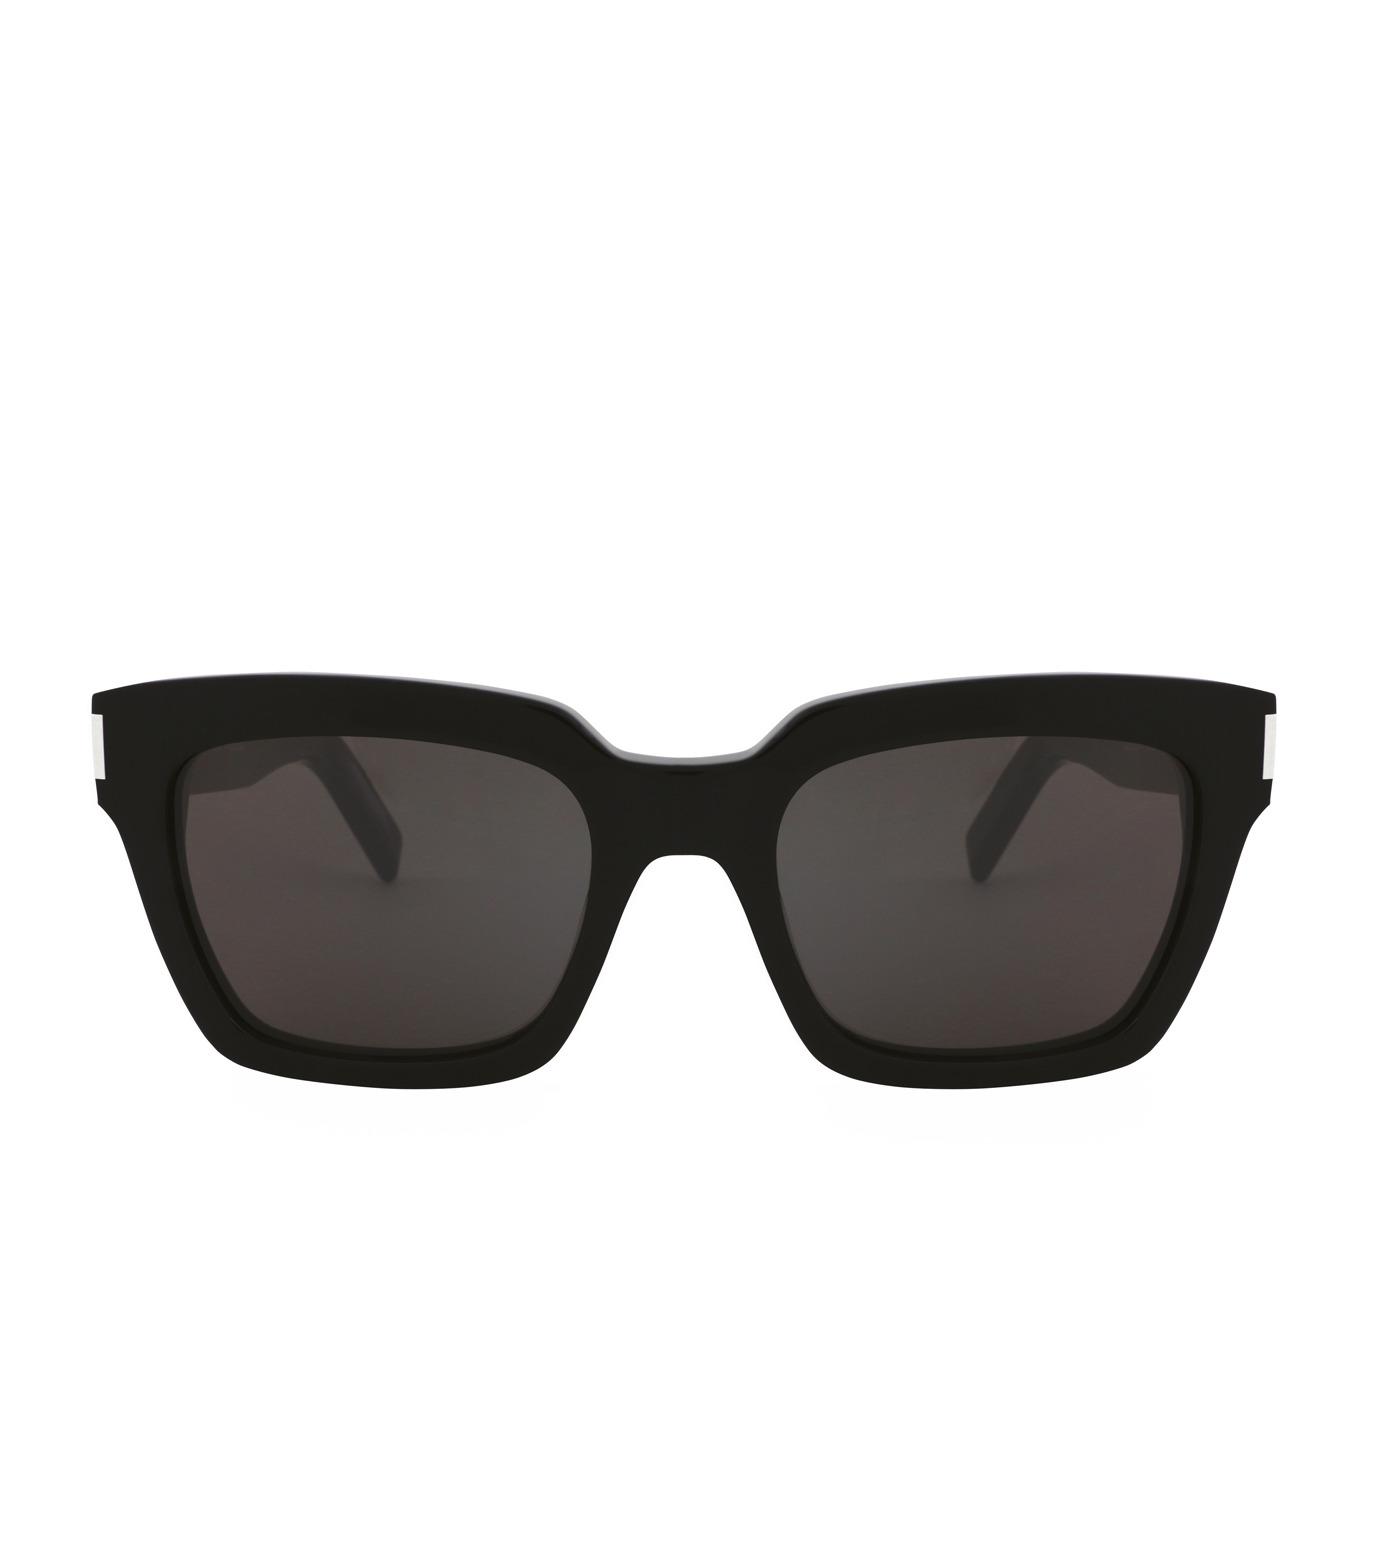 SAINT LAURENT(サンローラン)のClassic SL 51-BLACK(アイウェア/eyewear)-419713-Y9909-13 拡大詳細画像3